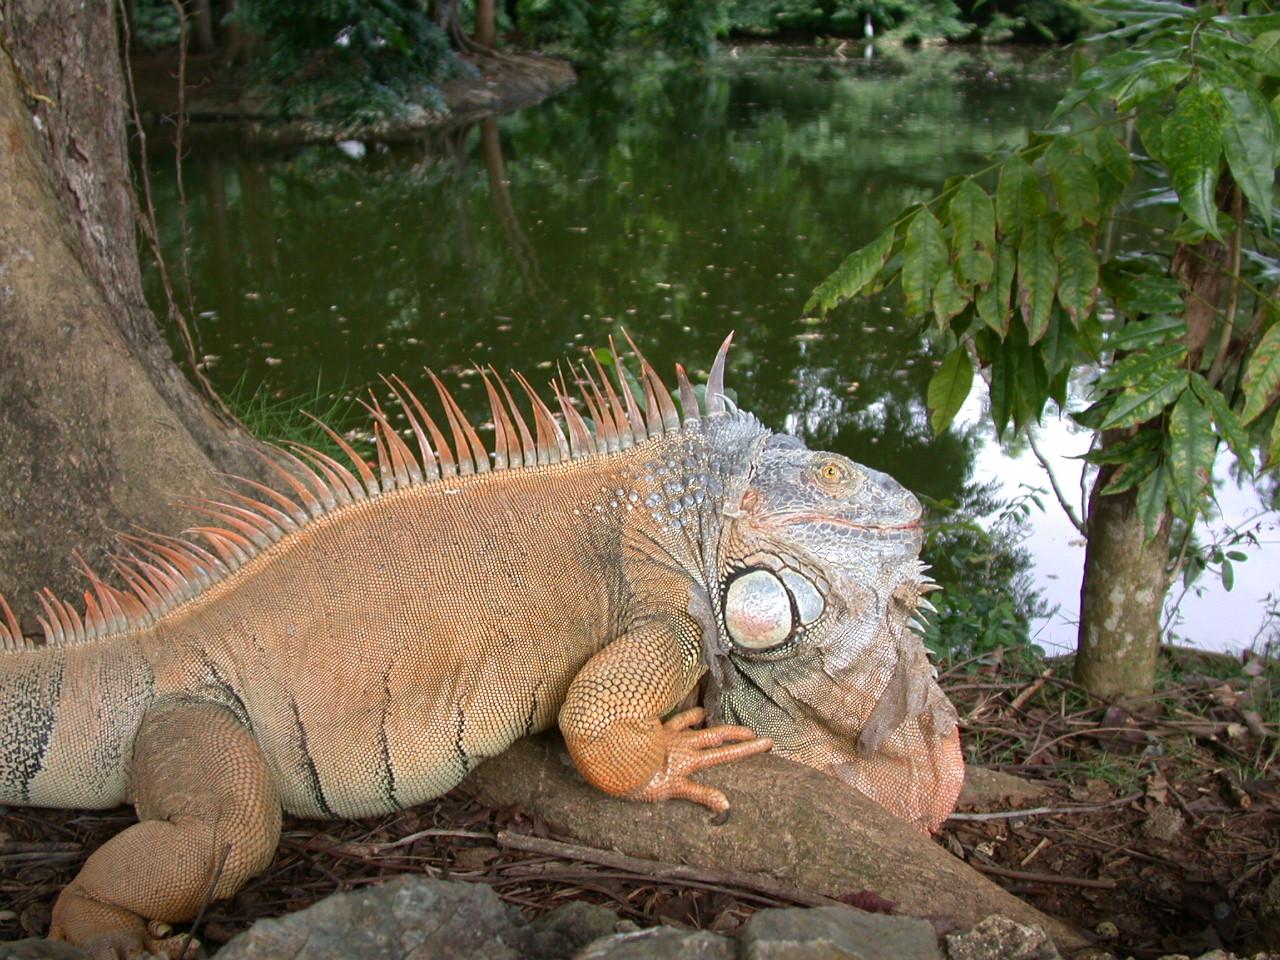 Care and Feeding of Iguanas